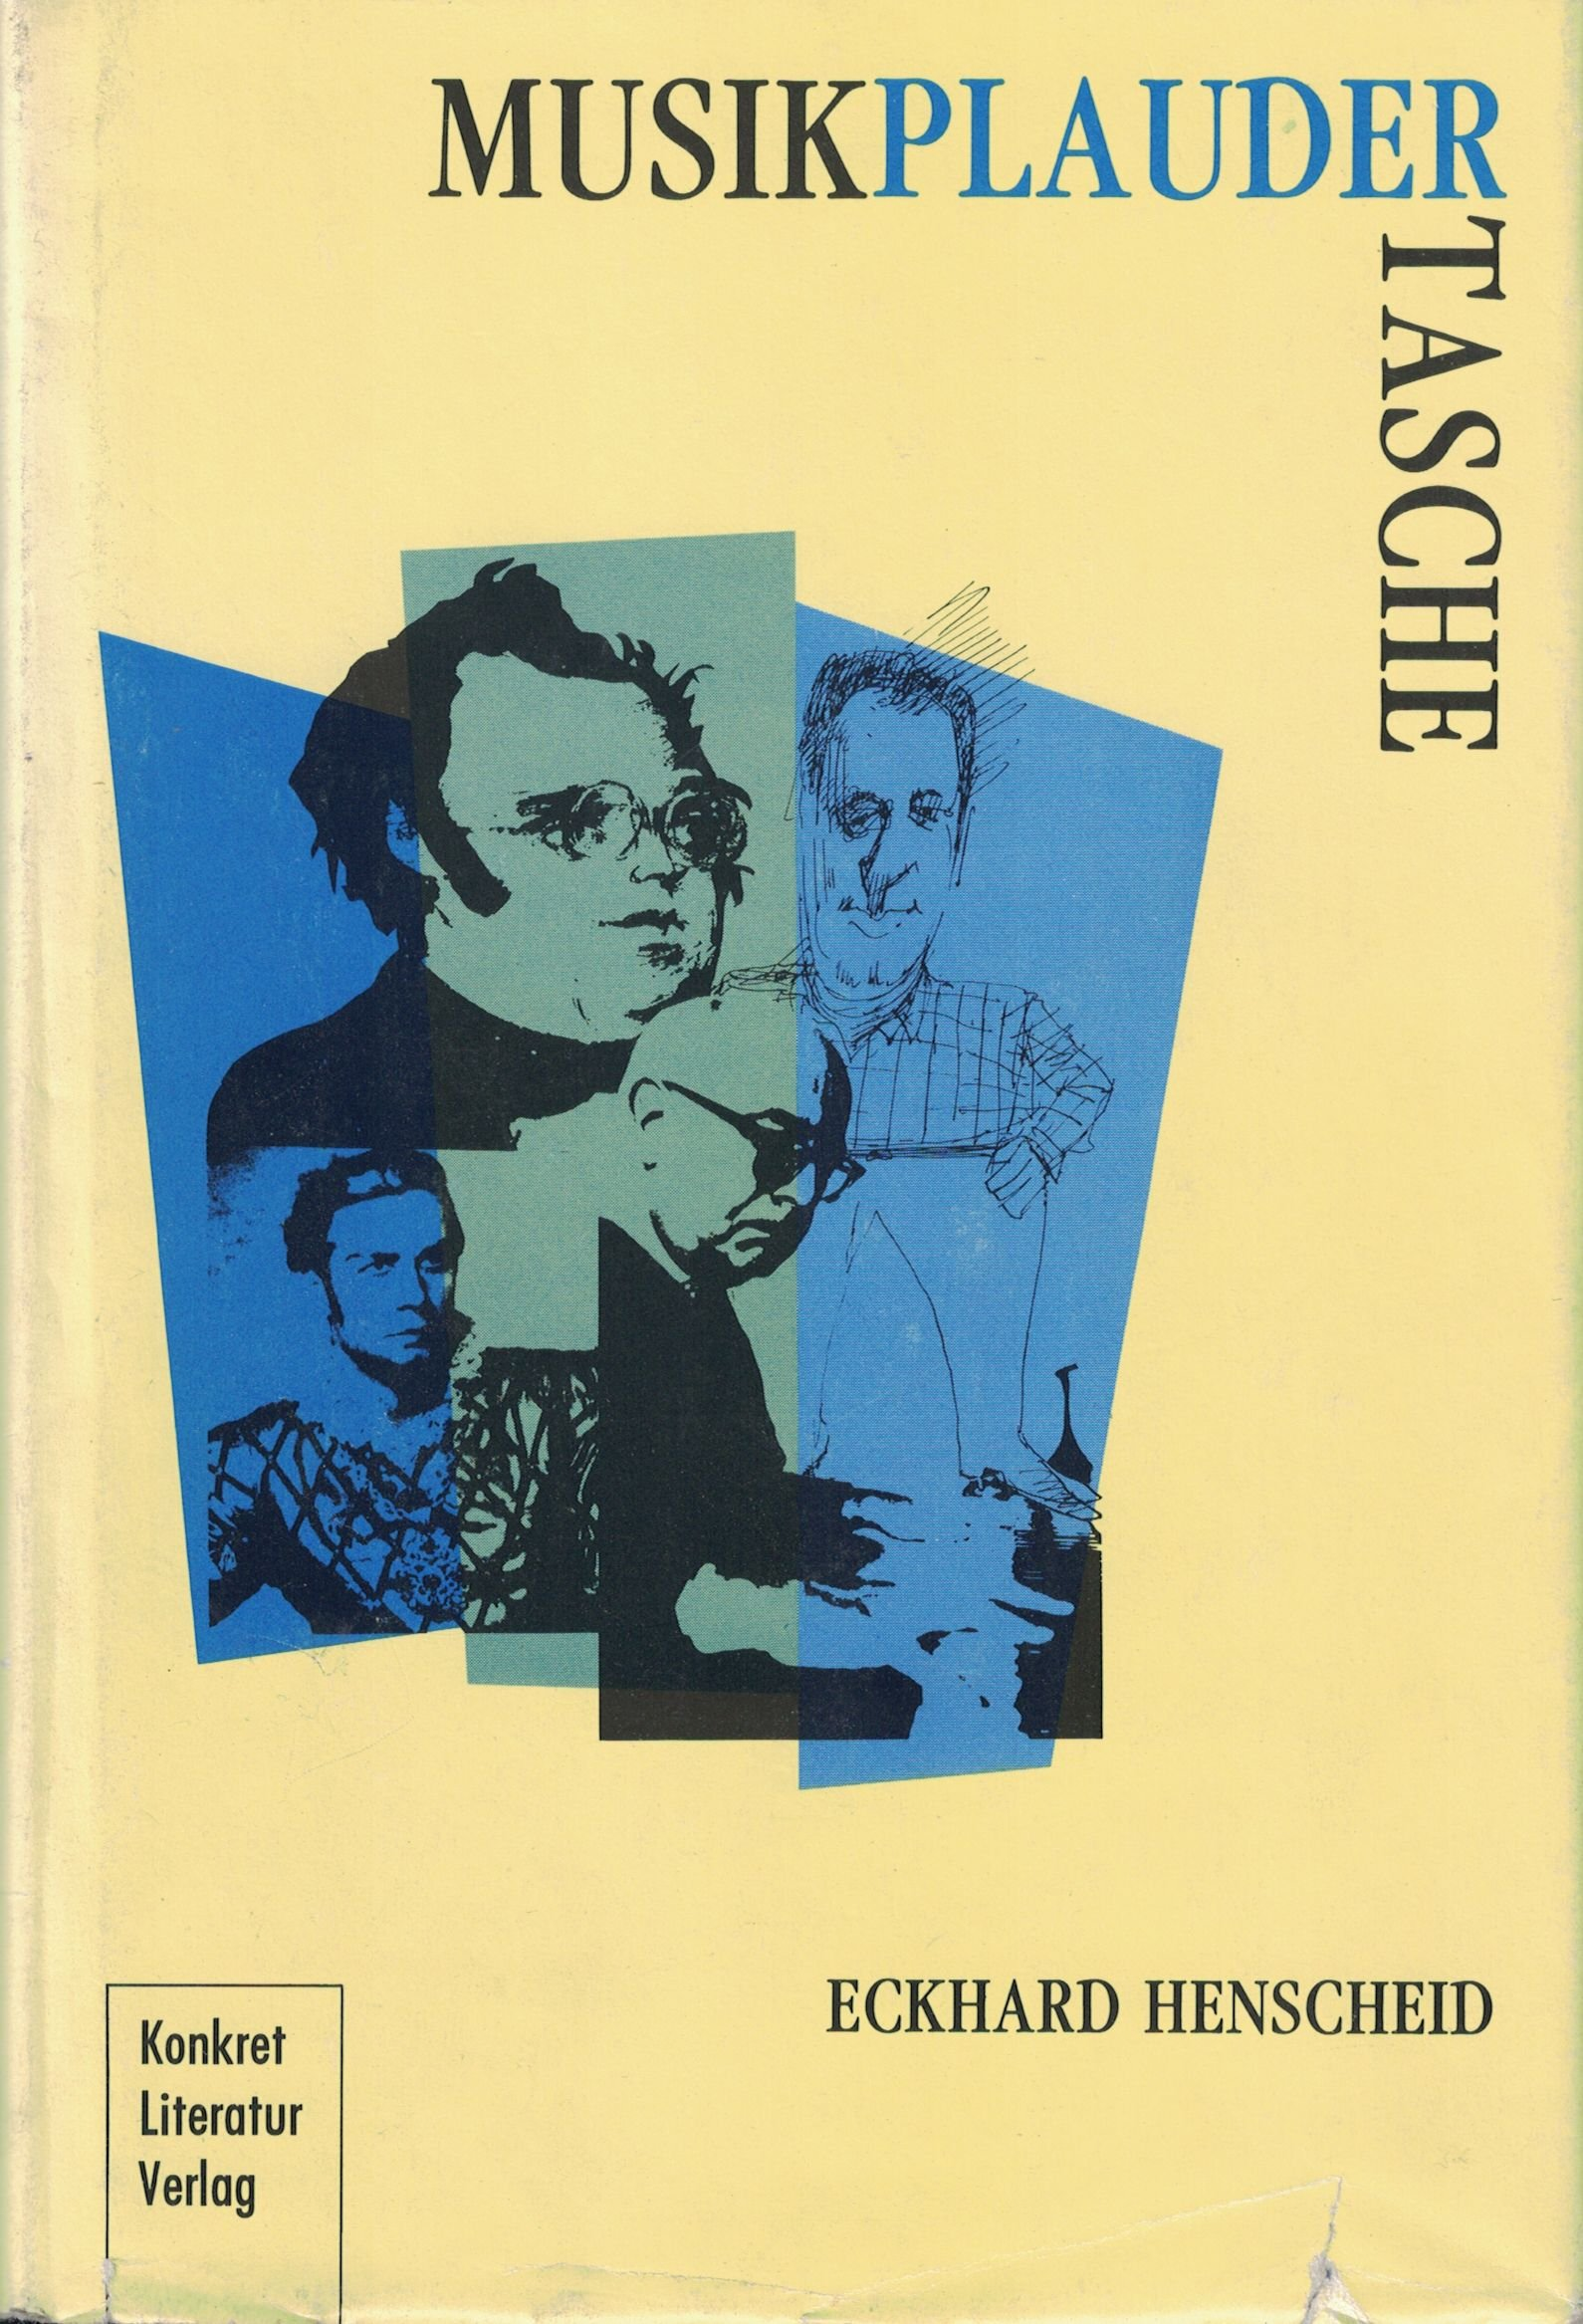 Musikplaudertasche Gebundenes Buch – 1990 Eckhard Henscheid Konkret Literatur Verlag 1990 3922144926